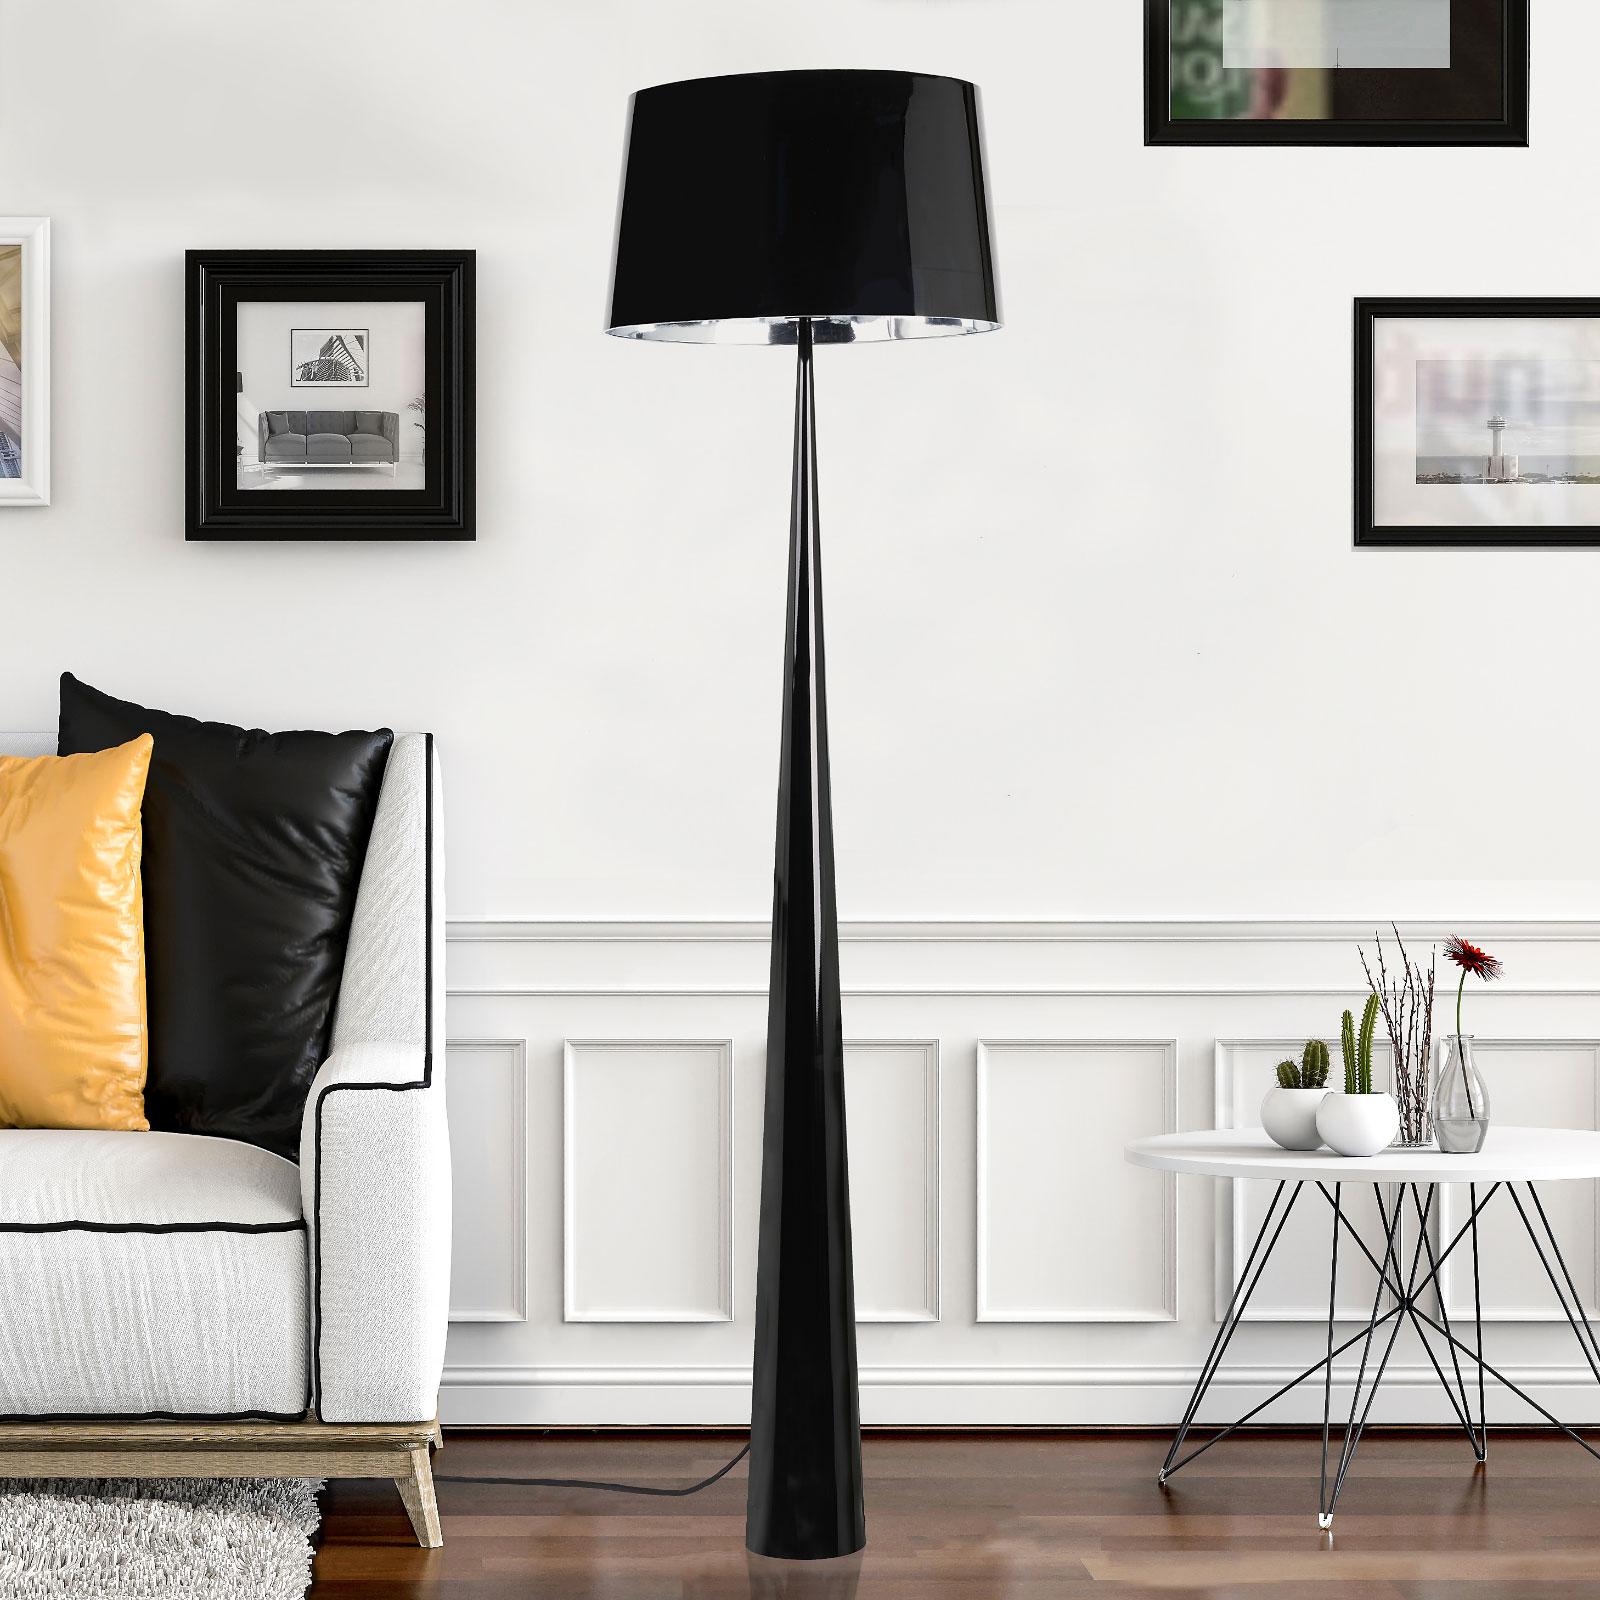 Vloerlamp Totem LS met chroom-finish, zwart